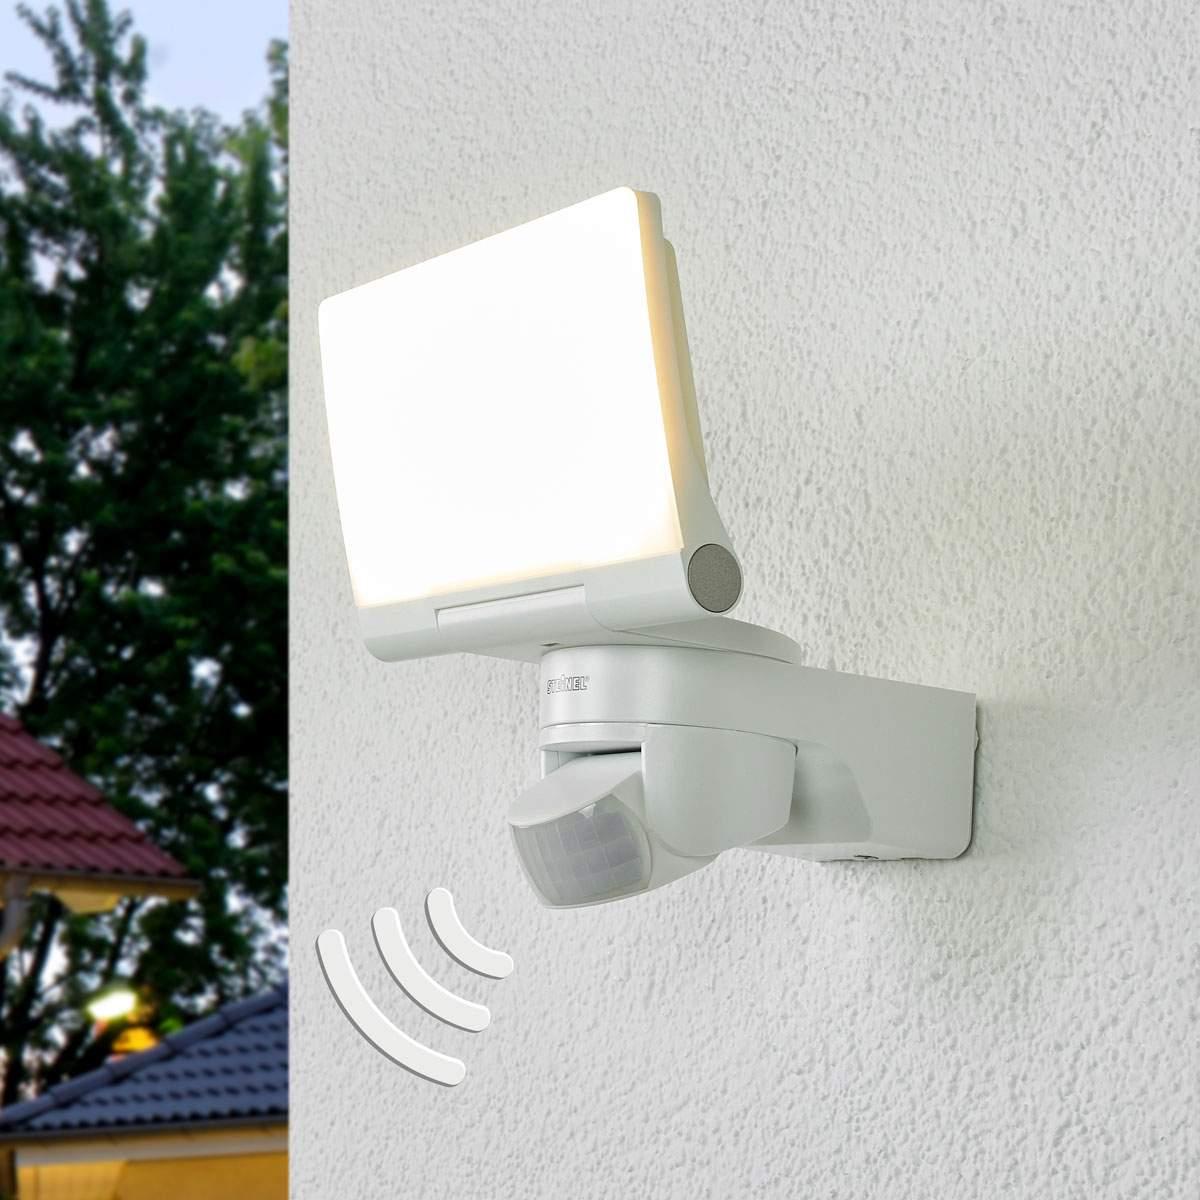 Applique XLED Home 2 bianca, con sensore Illuminazione per interni